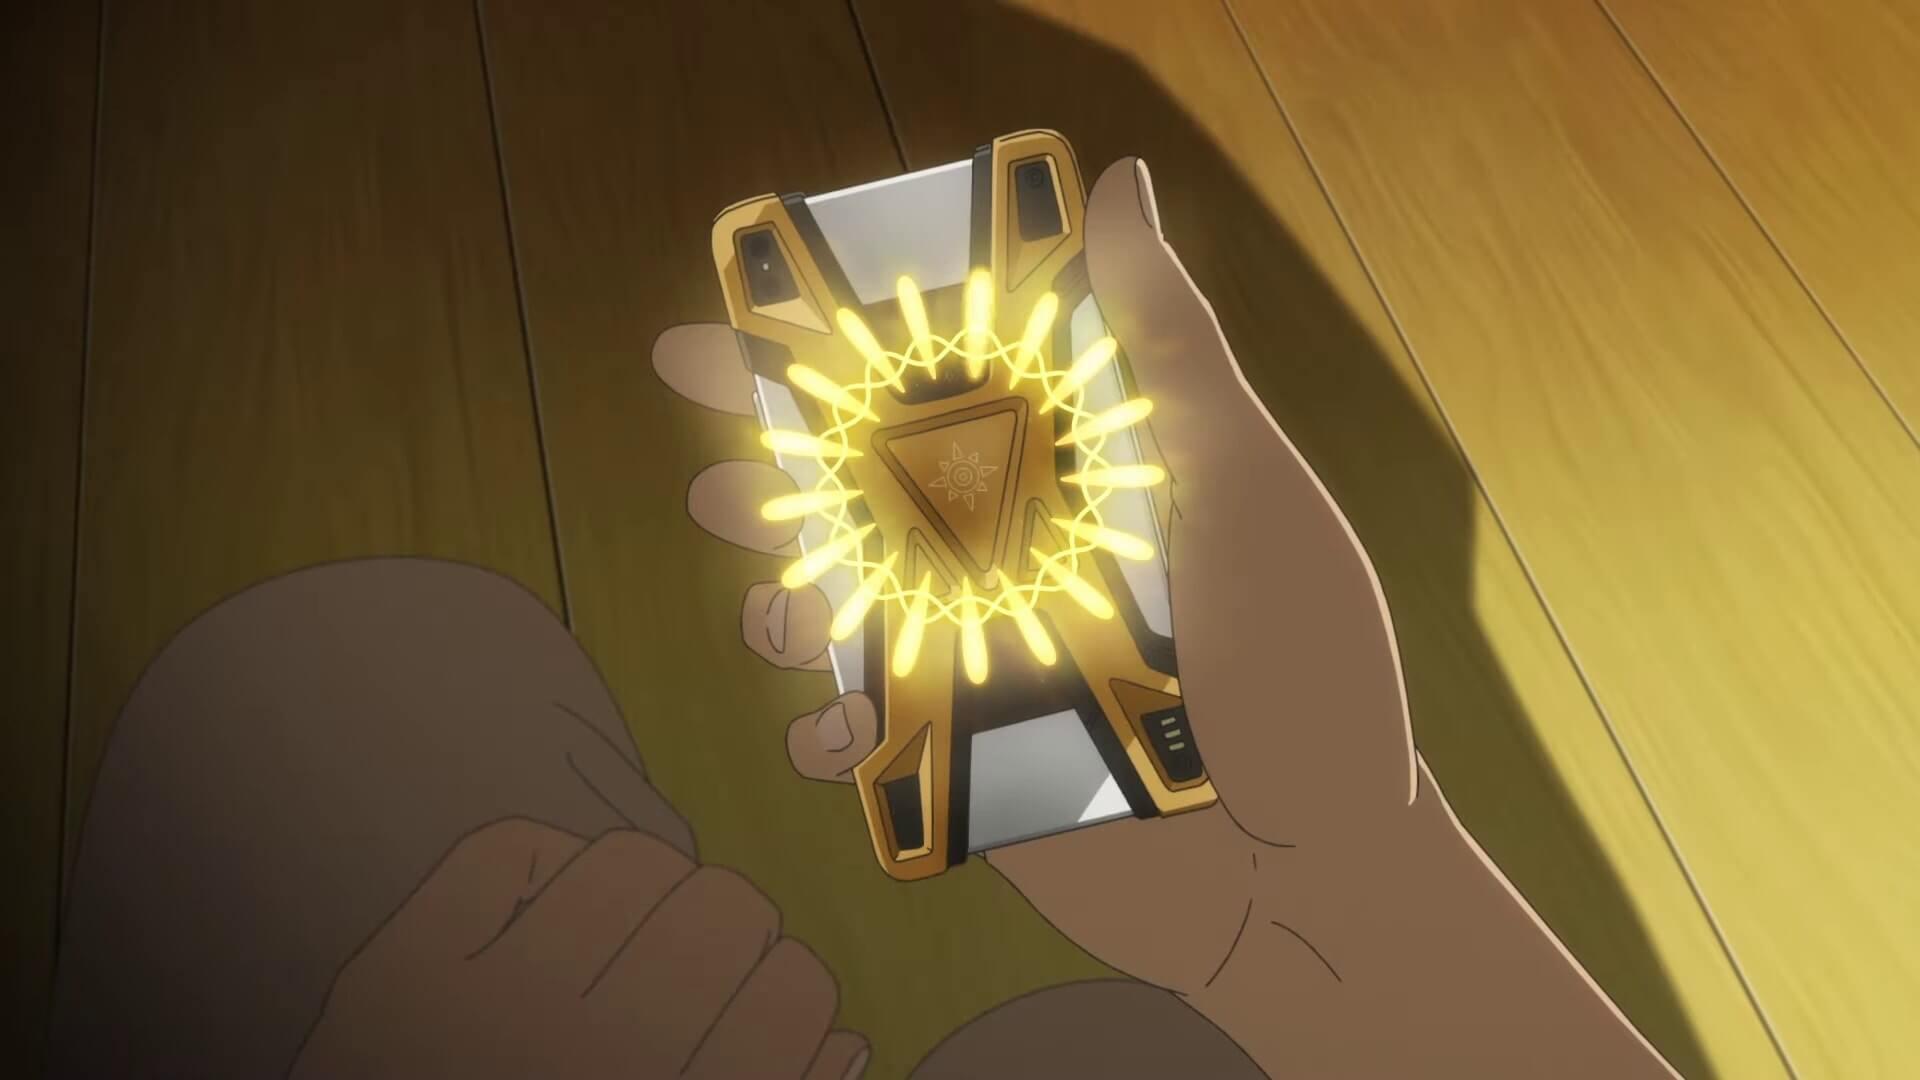 Digimon Kizuna reseña anime dispositivo